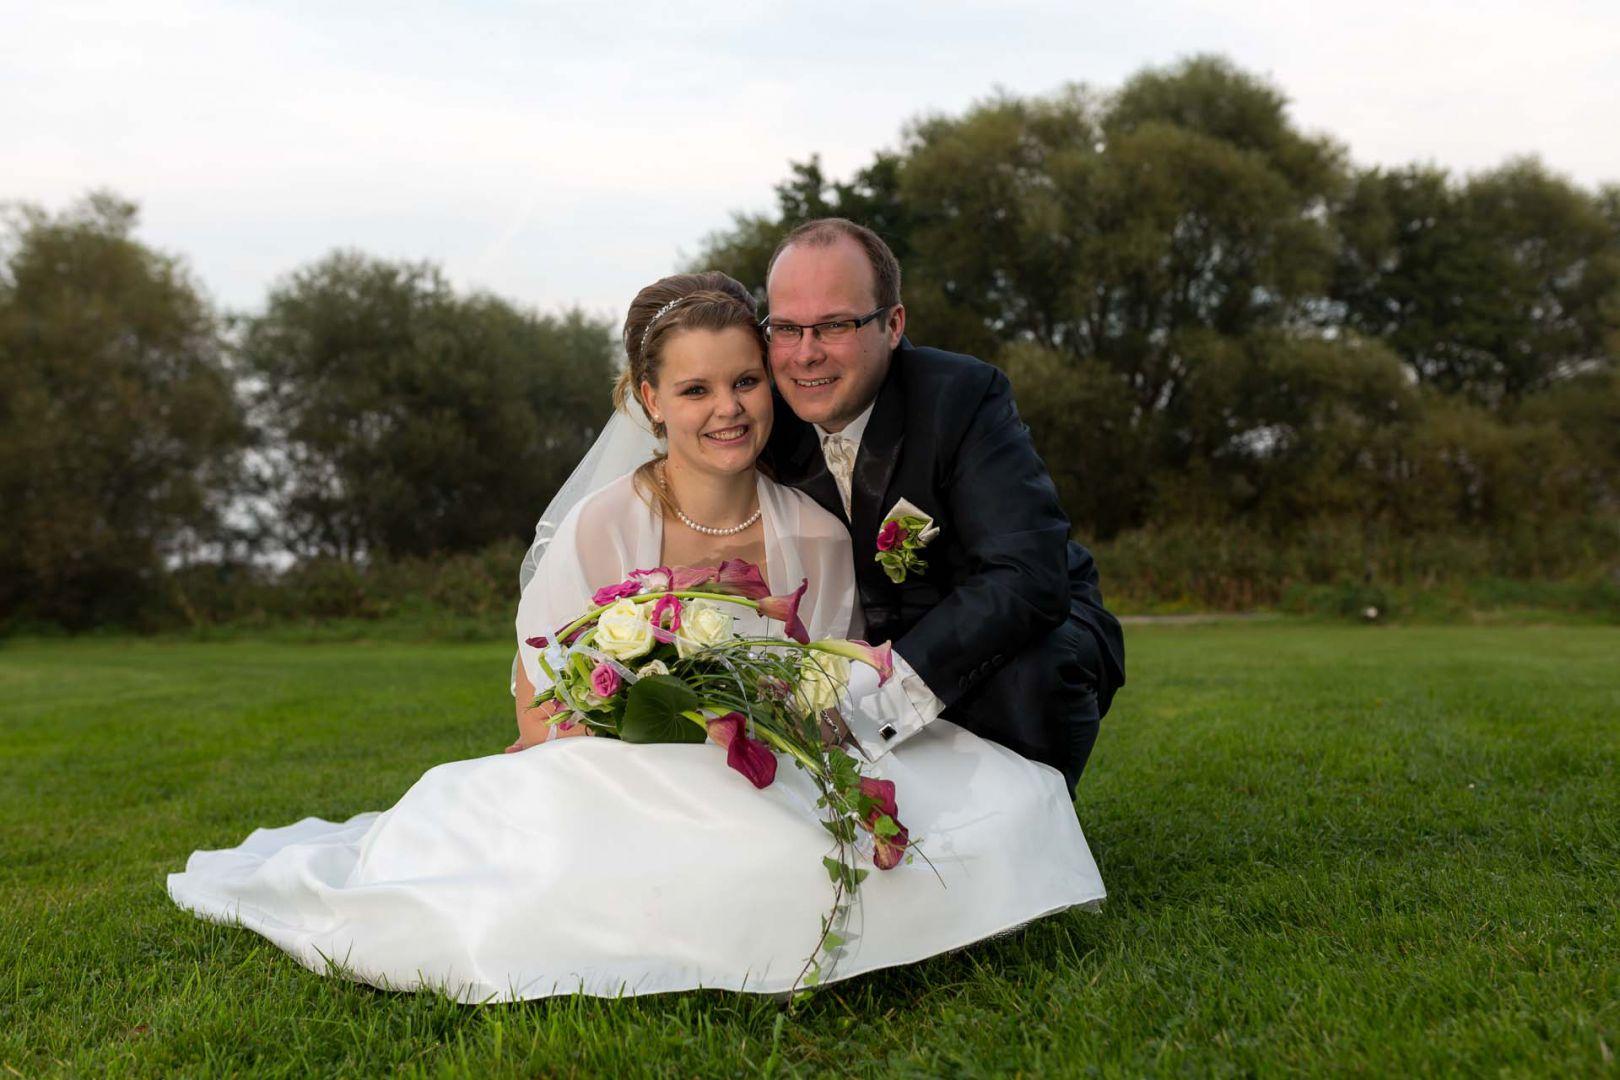 Portraits vom Brautpaar - Hochzeit in Spohienhof bei Preetz von Kerstin und Sebastian aus Hamburg